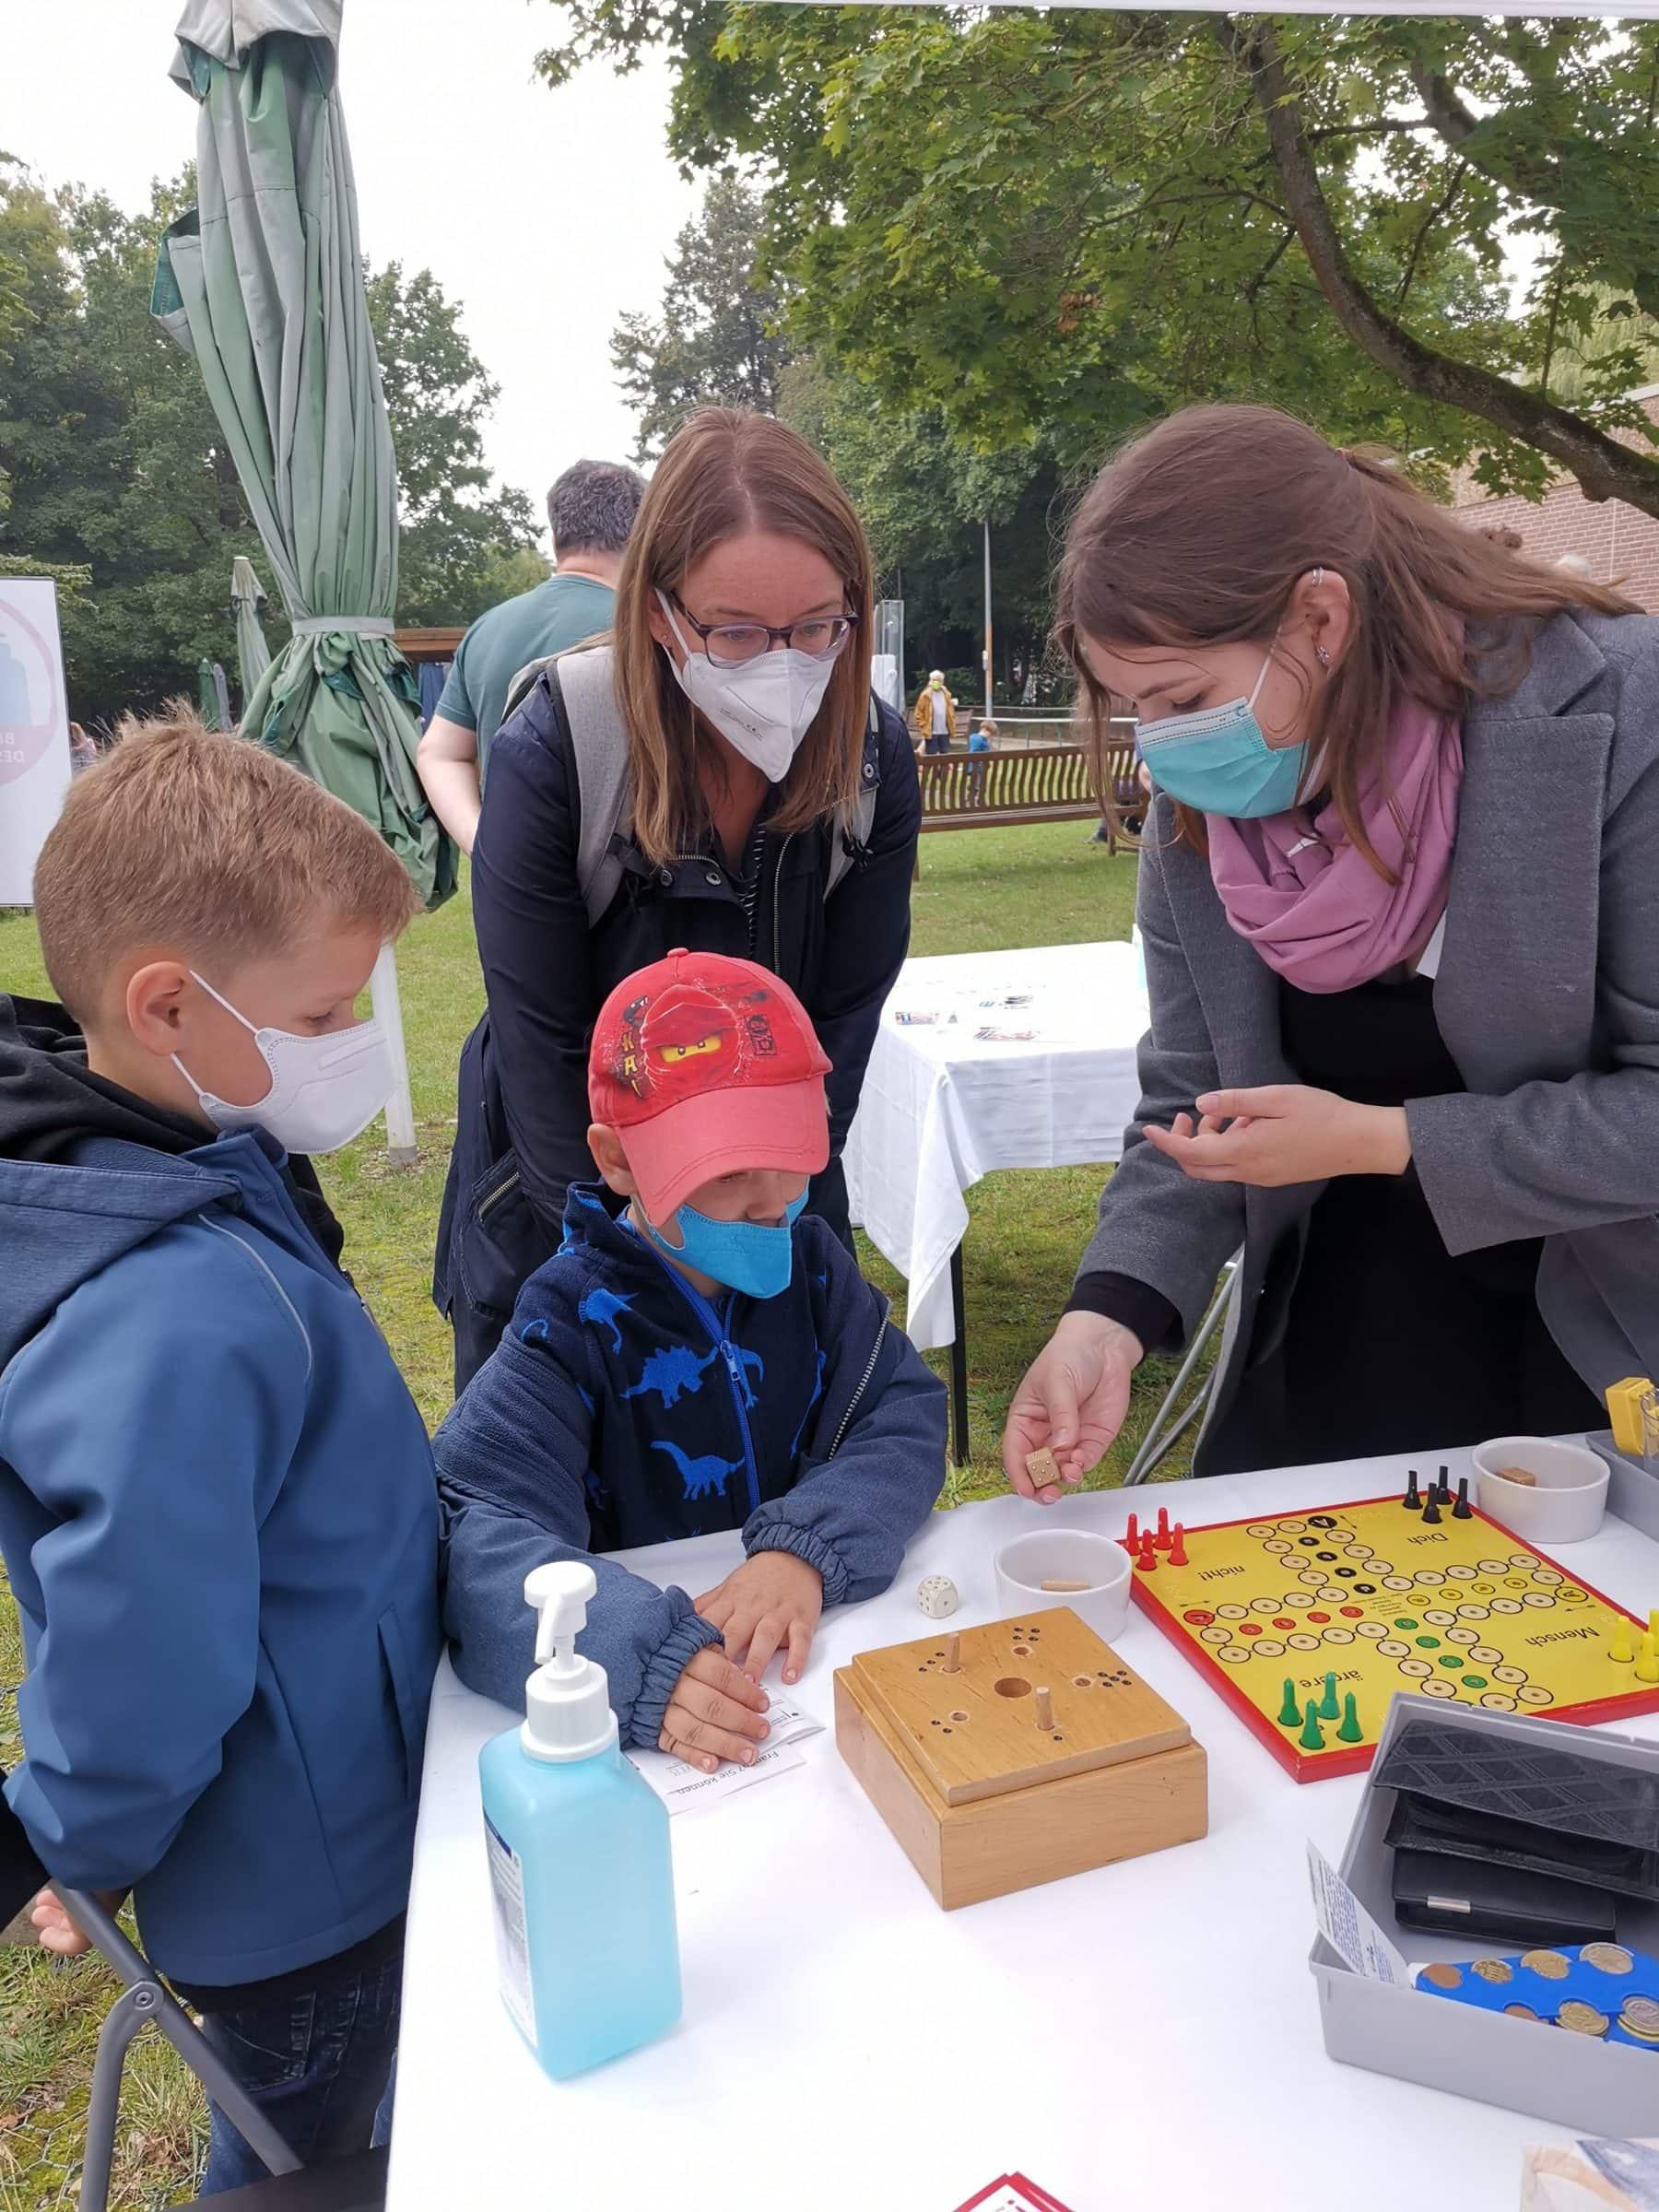 Eine Frau und zwei Jungen beugen sich interessiert über ein Brettspiel für taubblinde Menschen